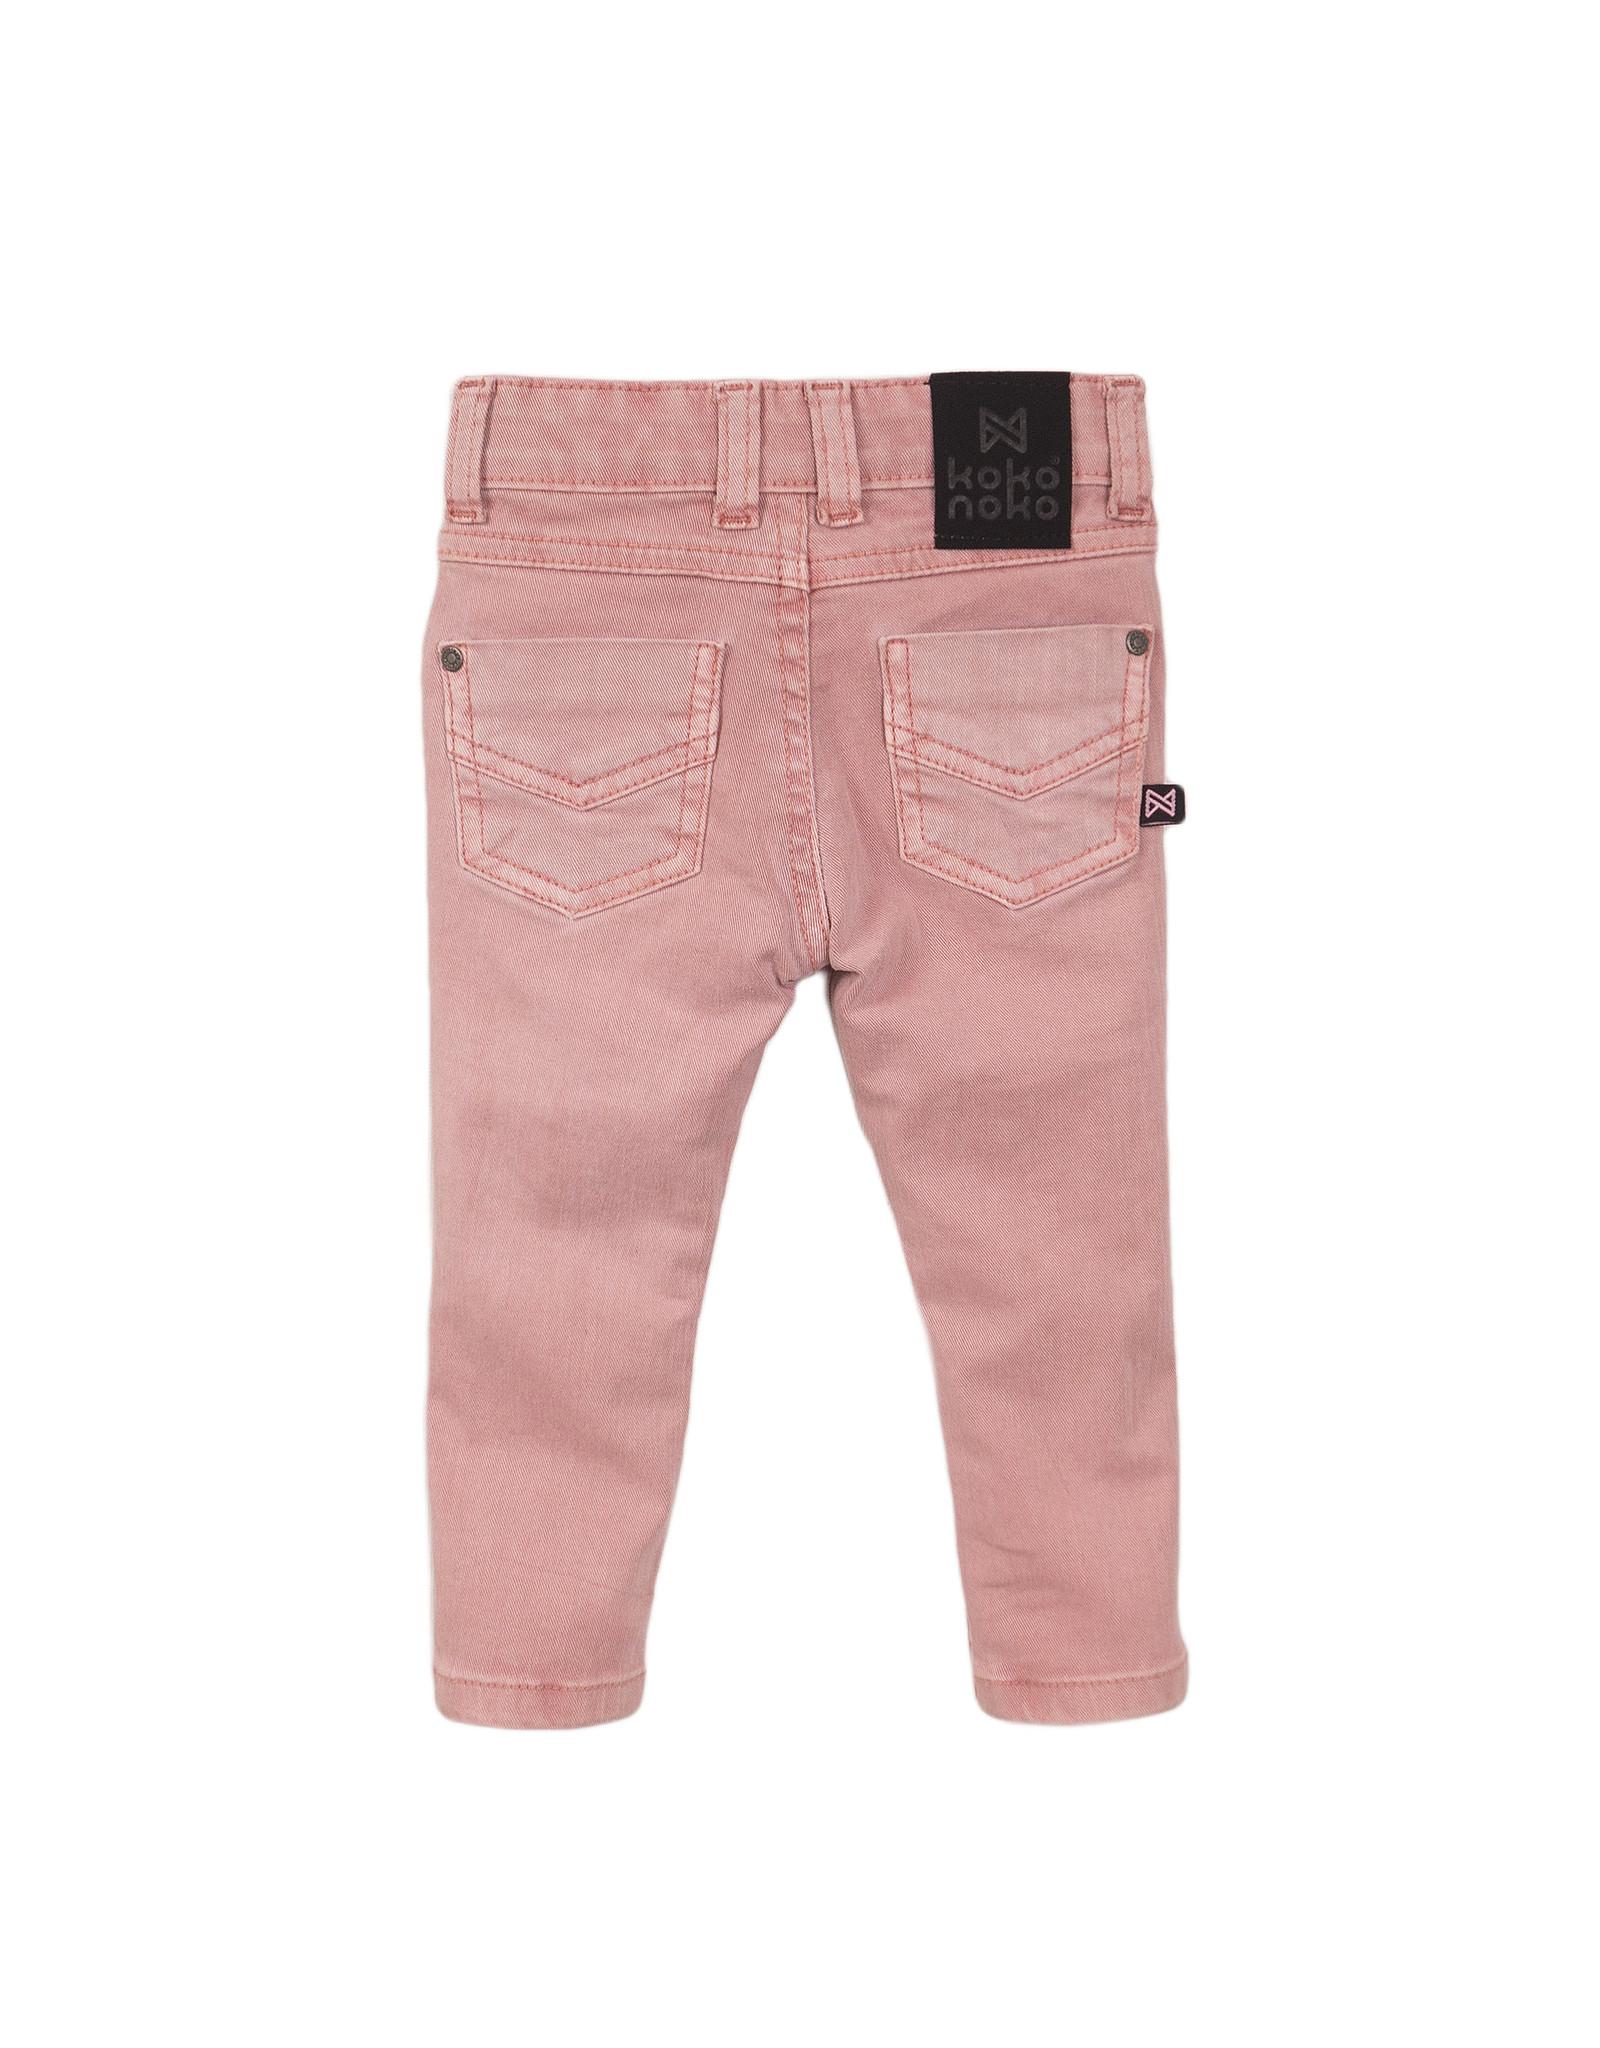 Koko Noko Koko Noko meisjes skinny jeans Pink